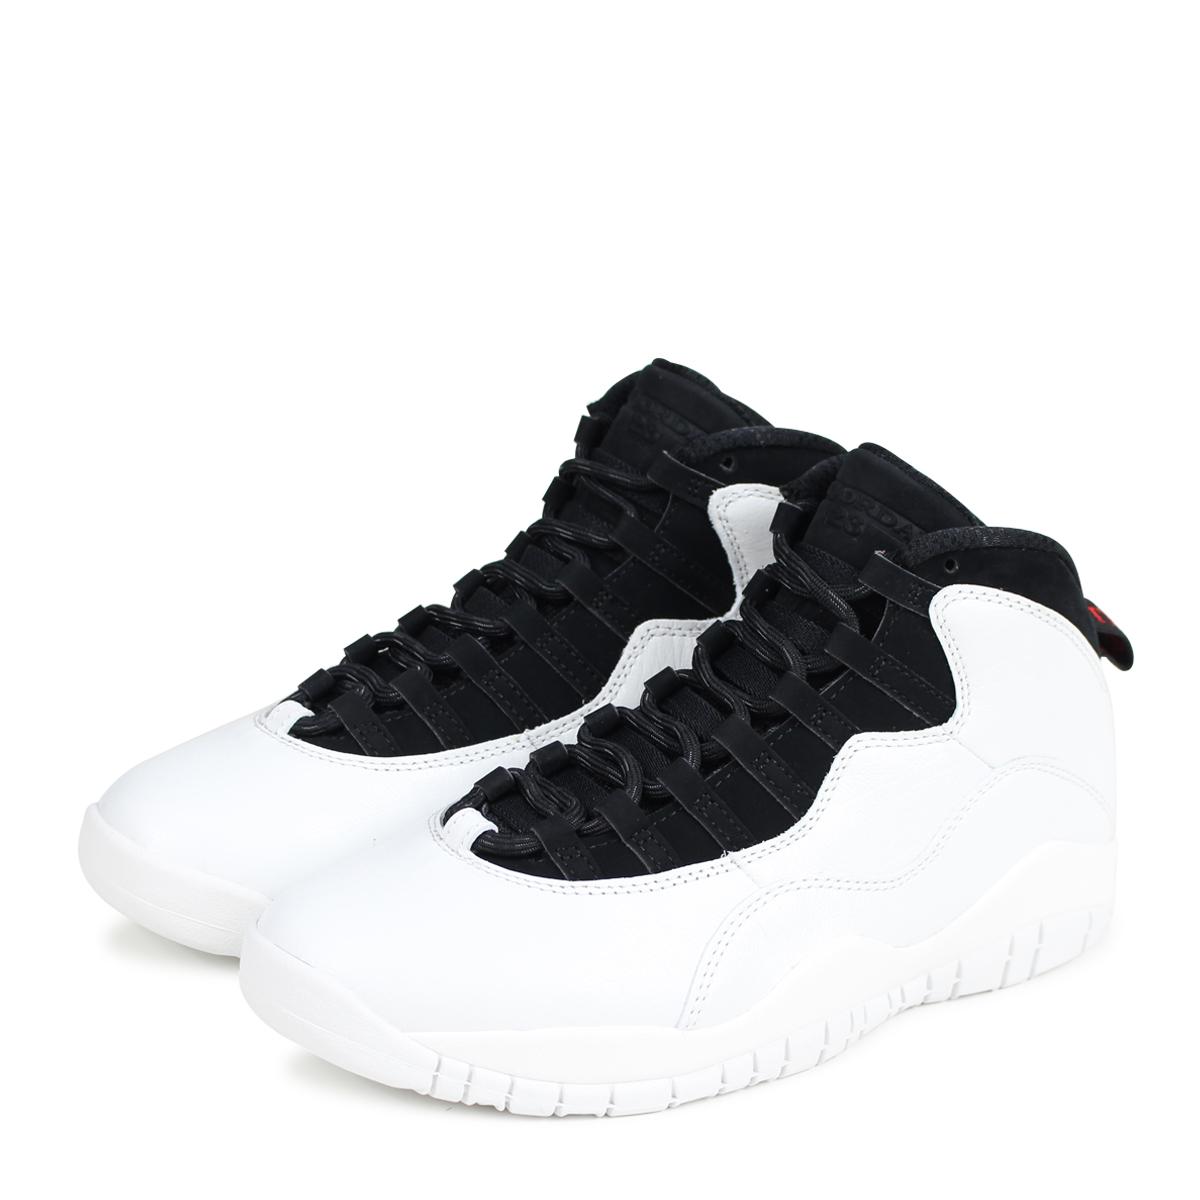 on sale 9616f e3427 NIKE AIR JORDAN 10 RETRO I M BACK Nike Air Jordan 10 nostalgic sneakers men  310,805-104 white  3 30 Shinnyu load   183